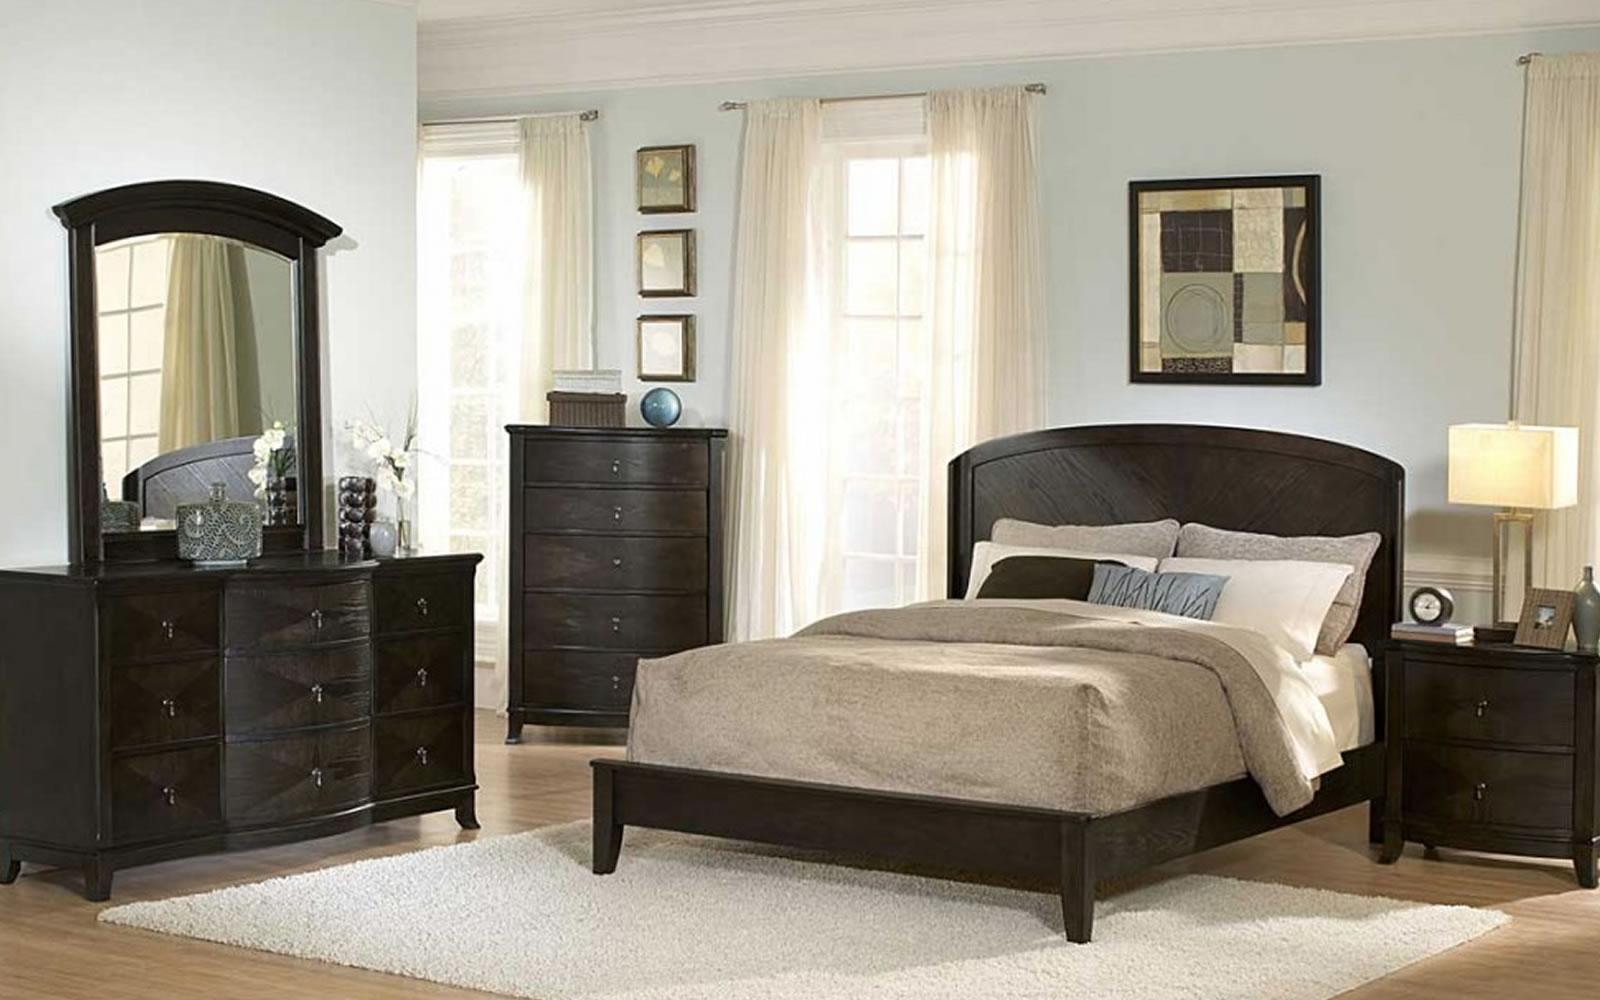 service d 39 entretien domicile de montr al pour bien nettoyer votre maison. Black Bedroom Furniture Sets. Home Design Ideas